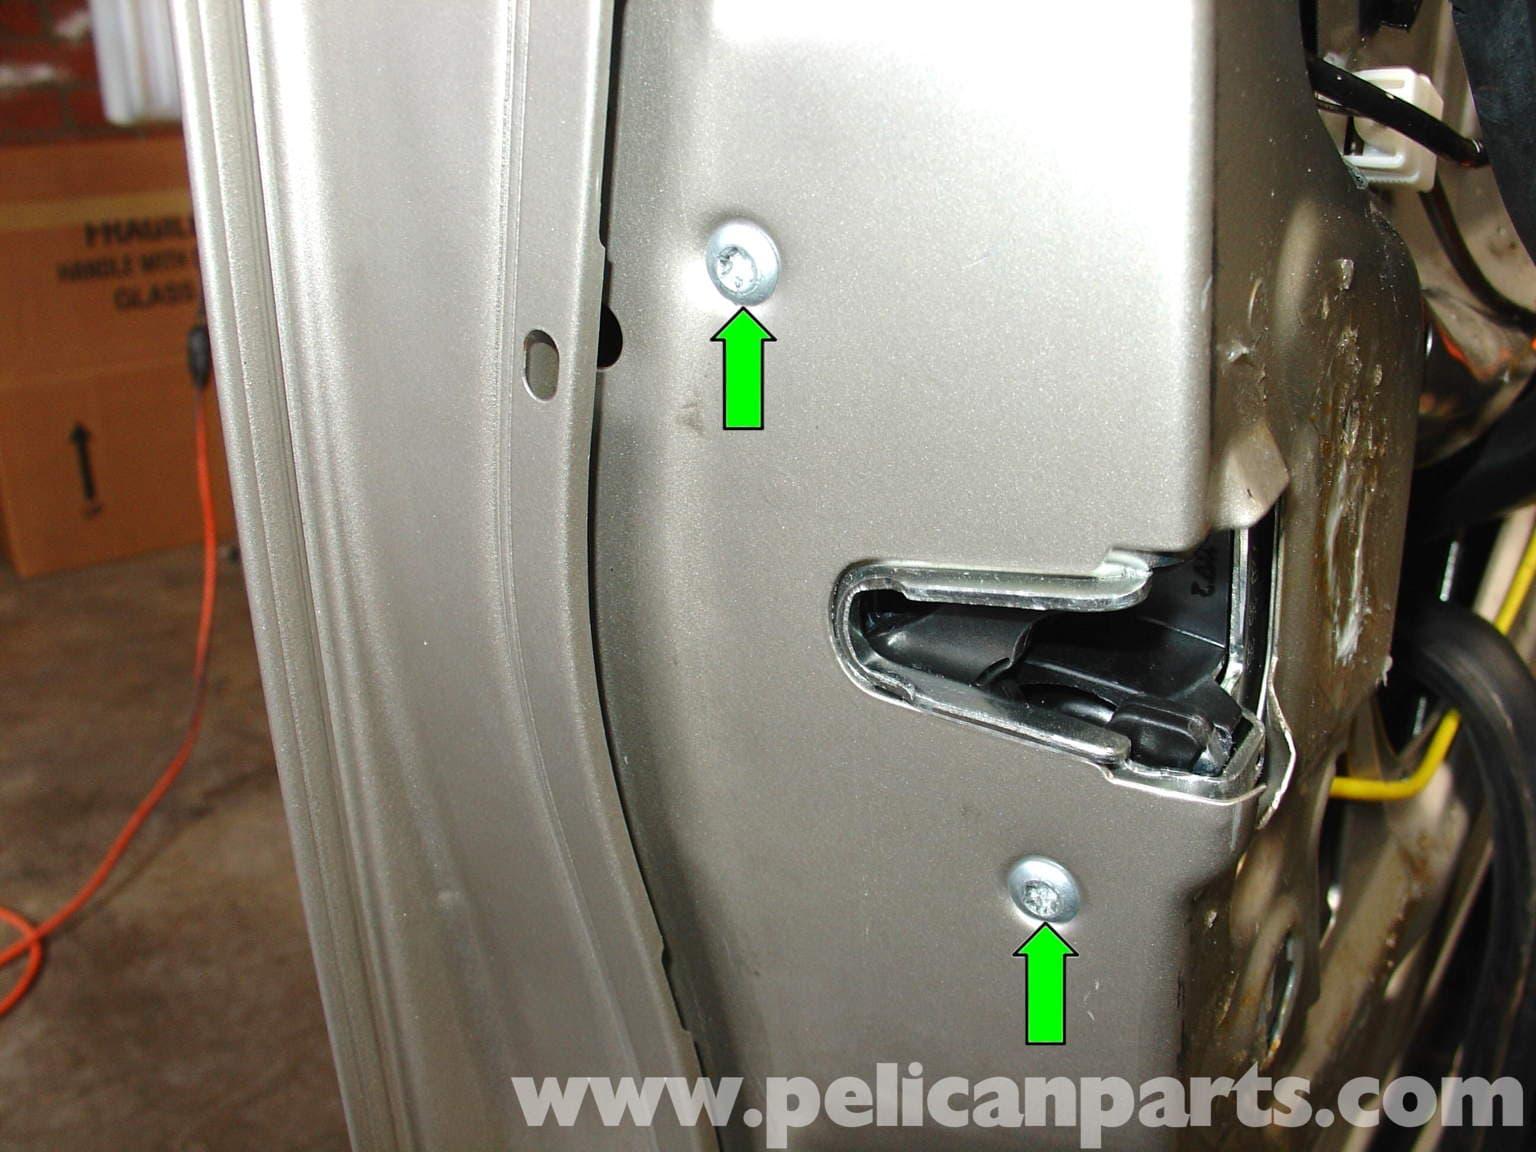 Mercedes Benz W210 Door Lock Actuator Replacement 1996 03